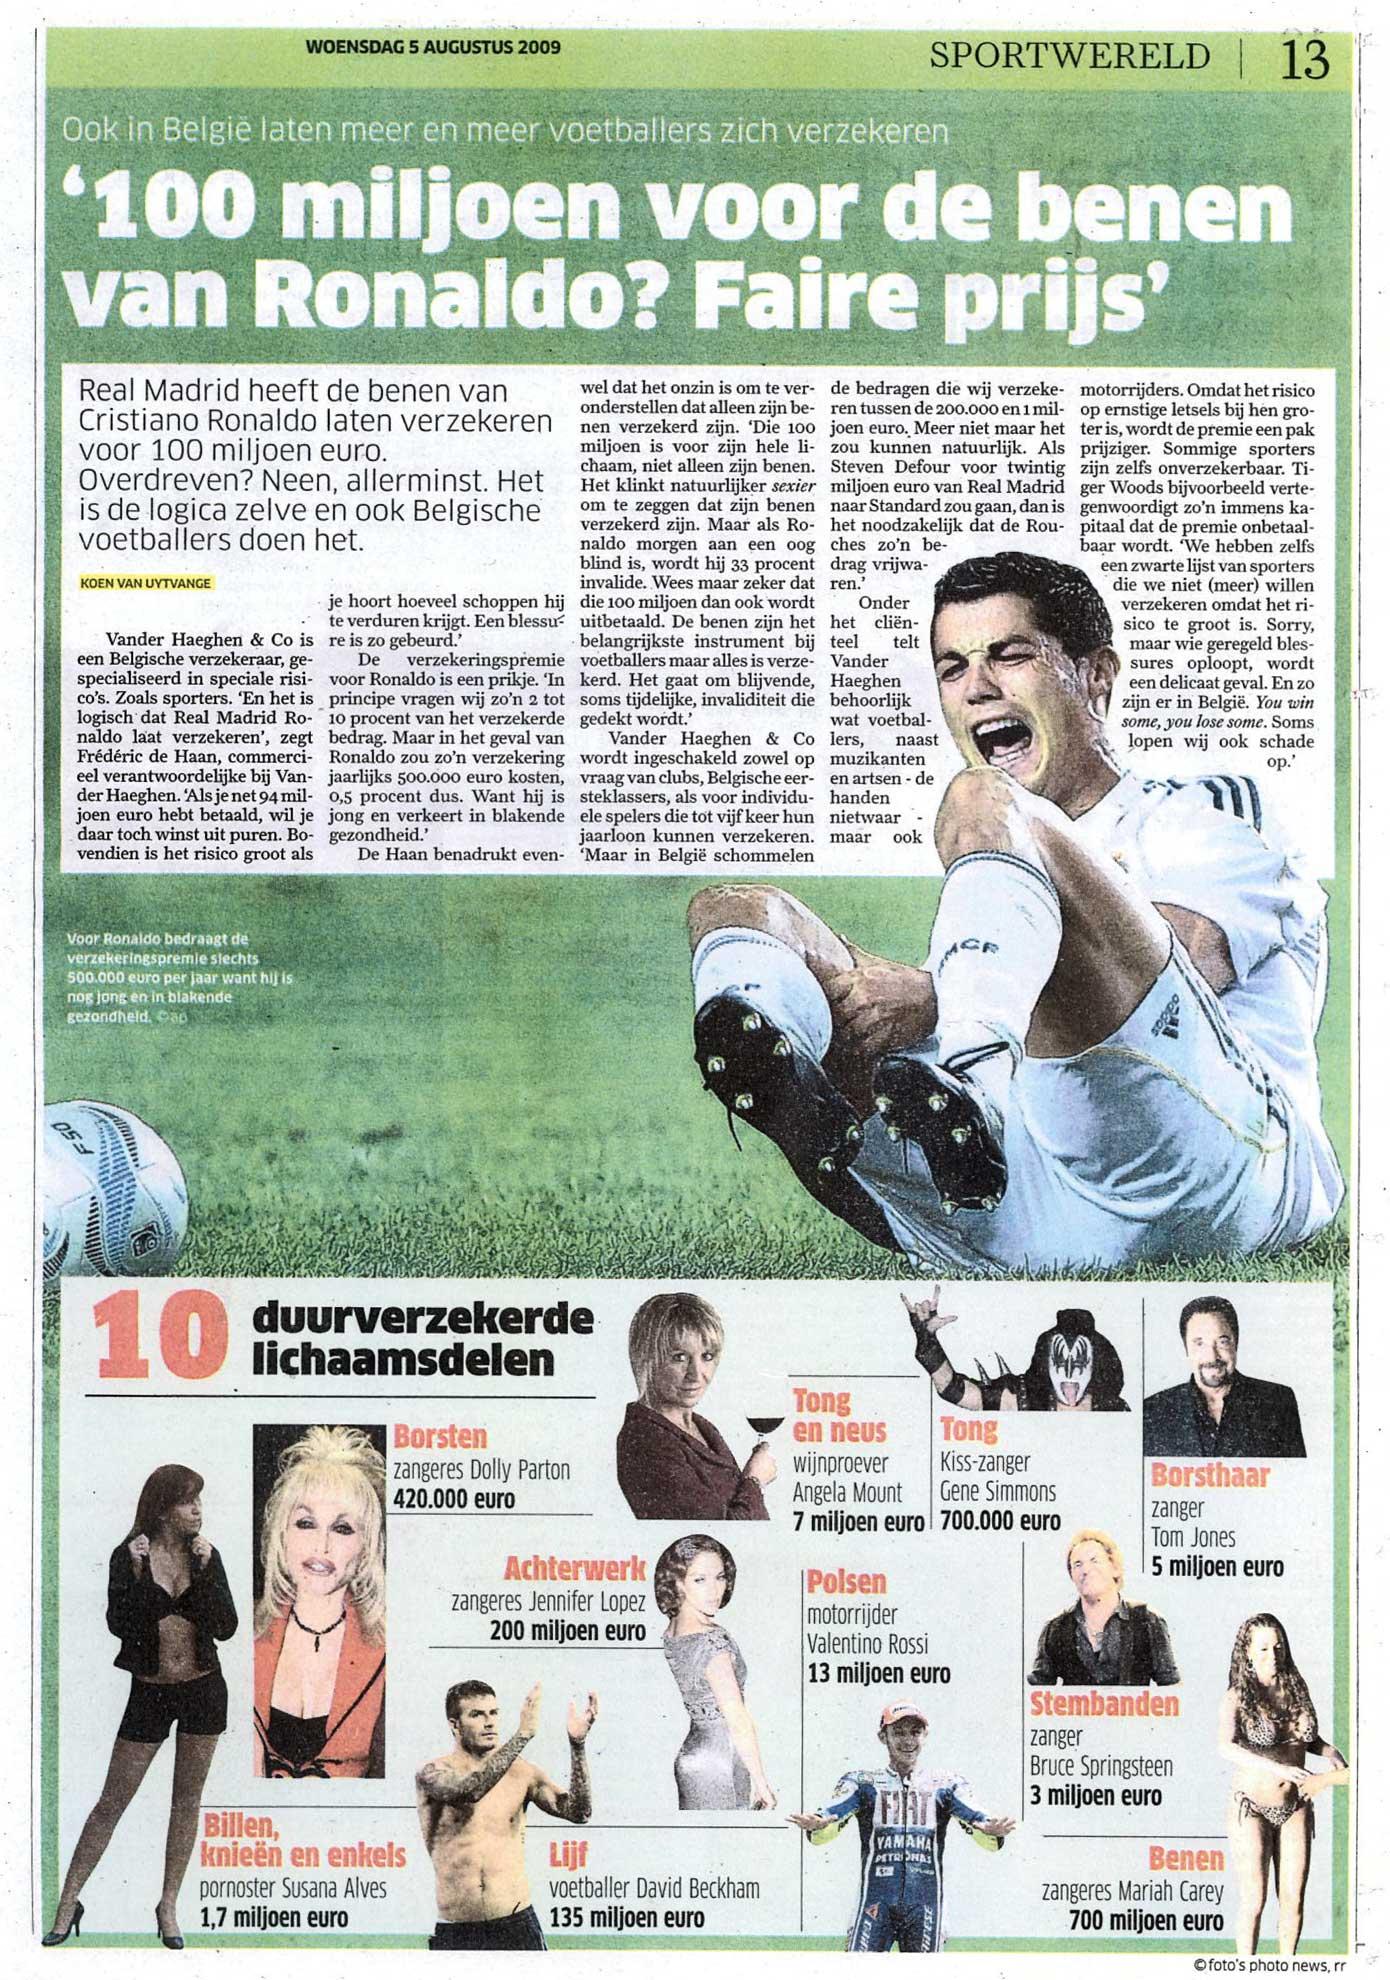 Nieuwsblad Sportwereld